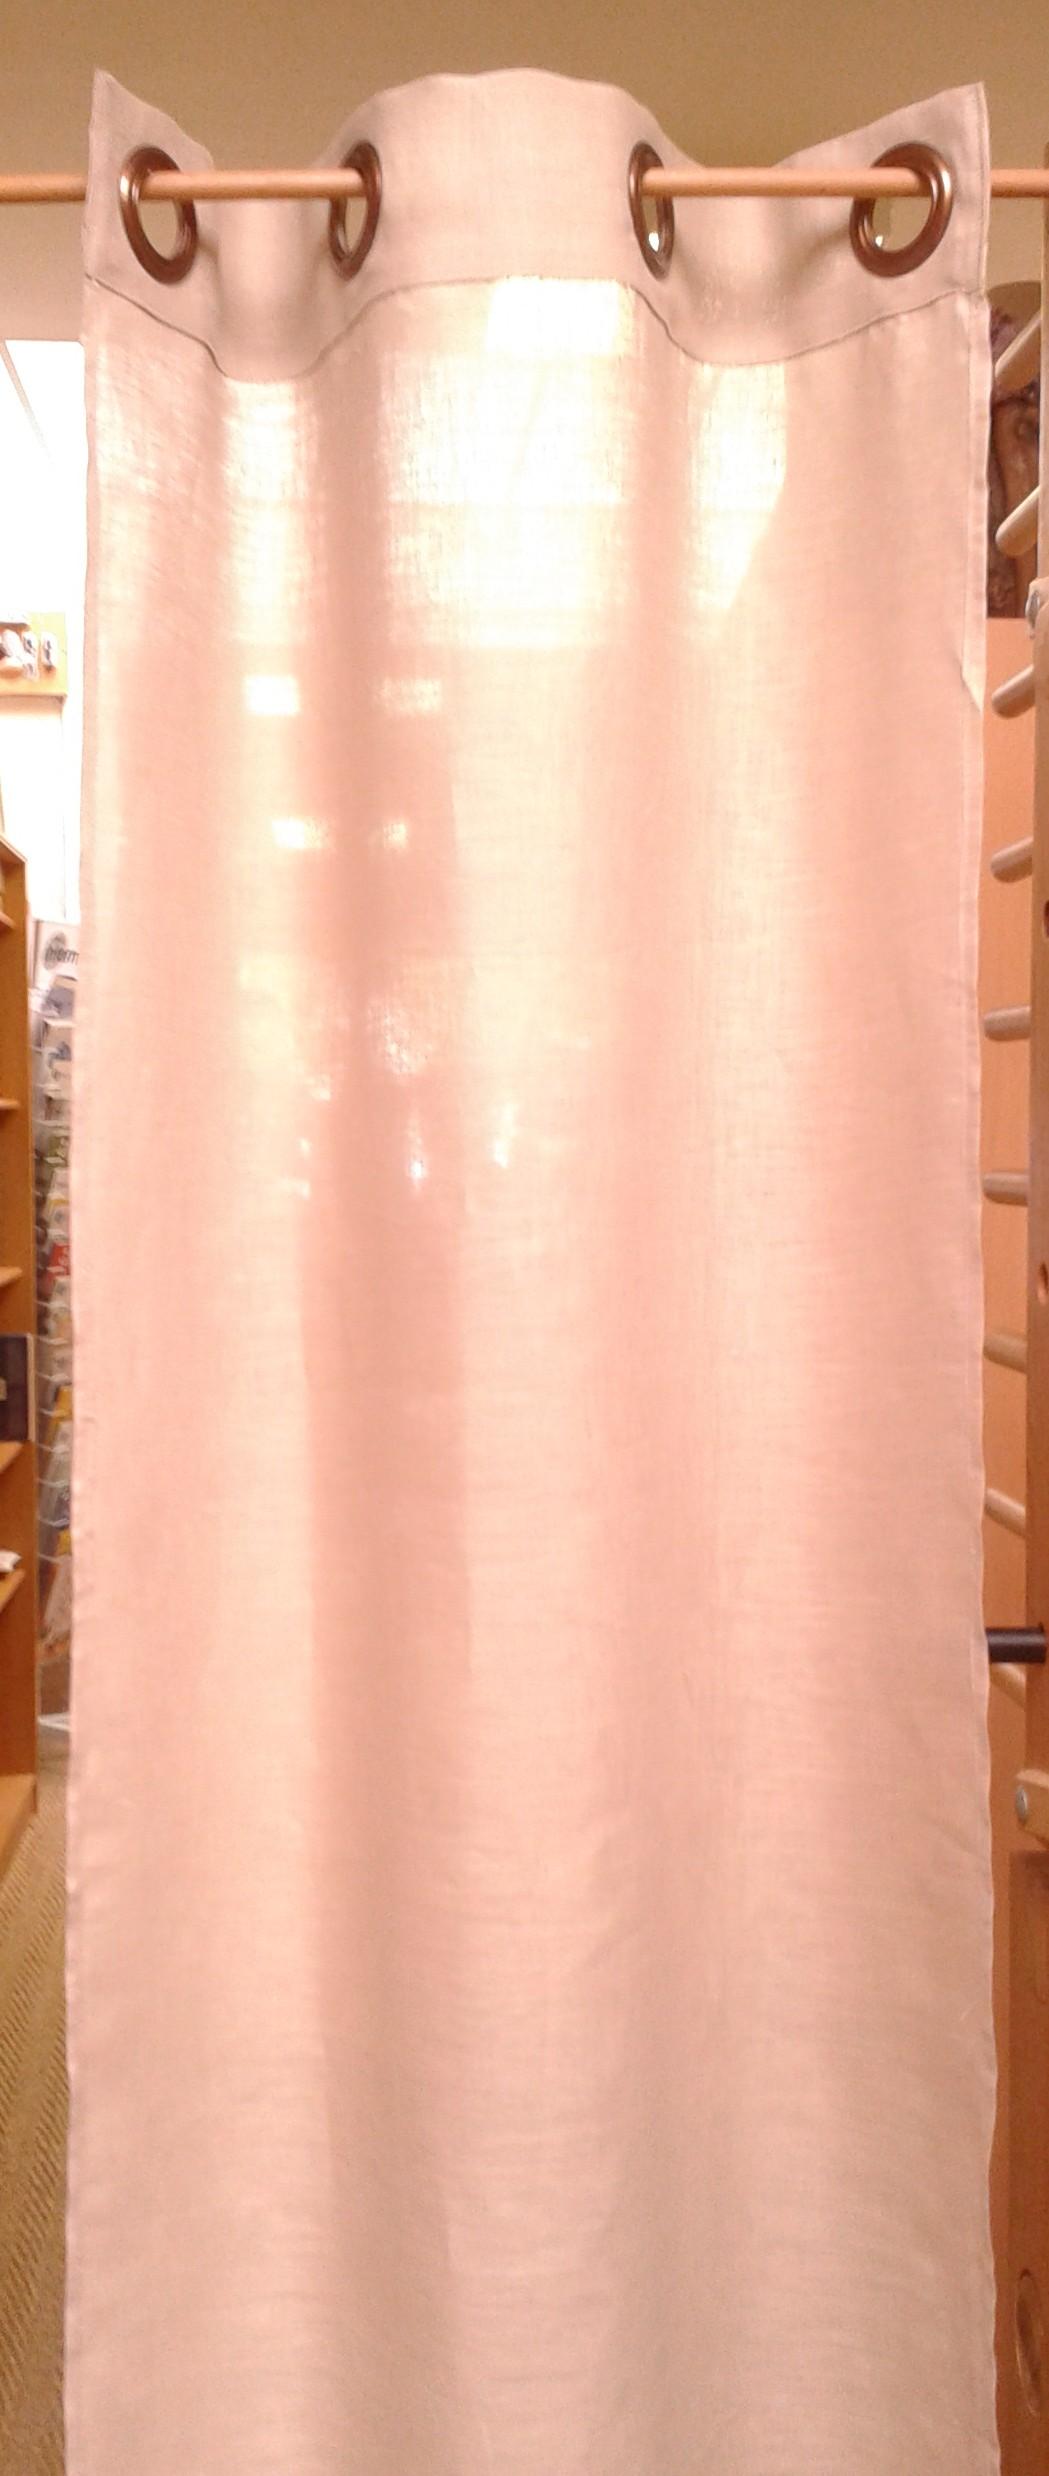 rideau en lin monté avec des oeillets